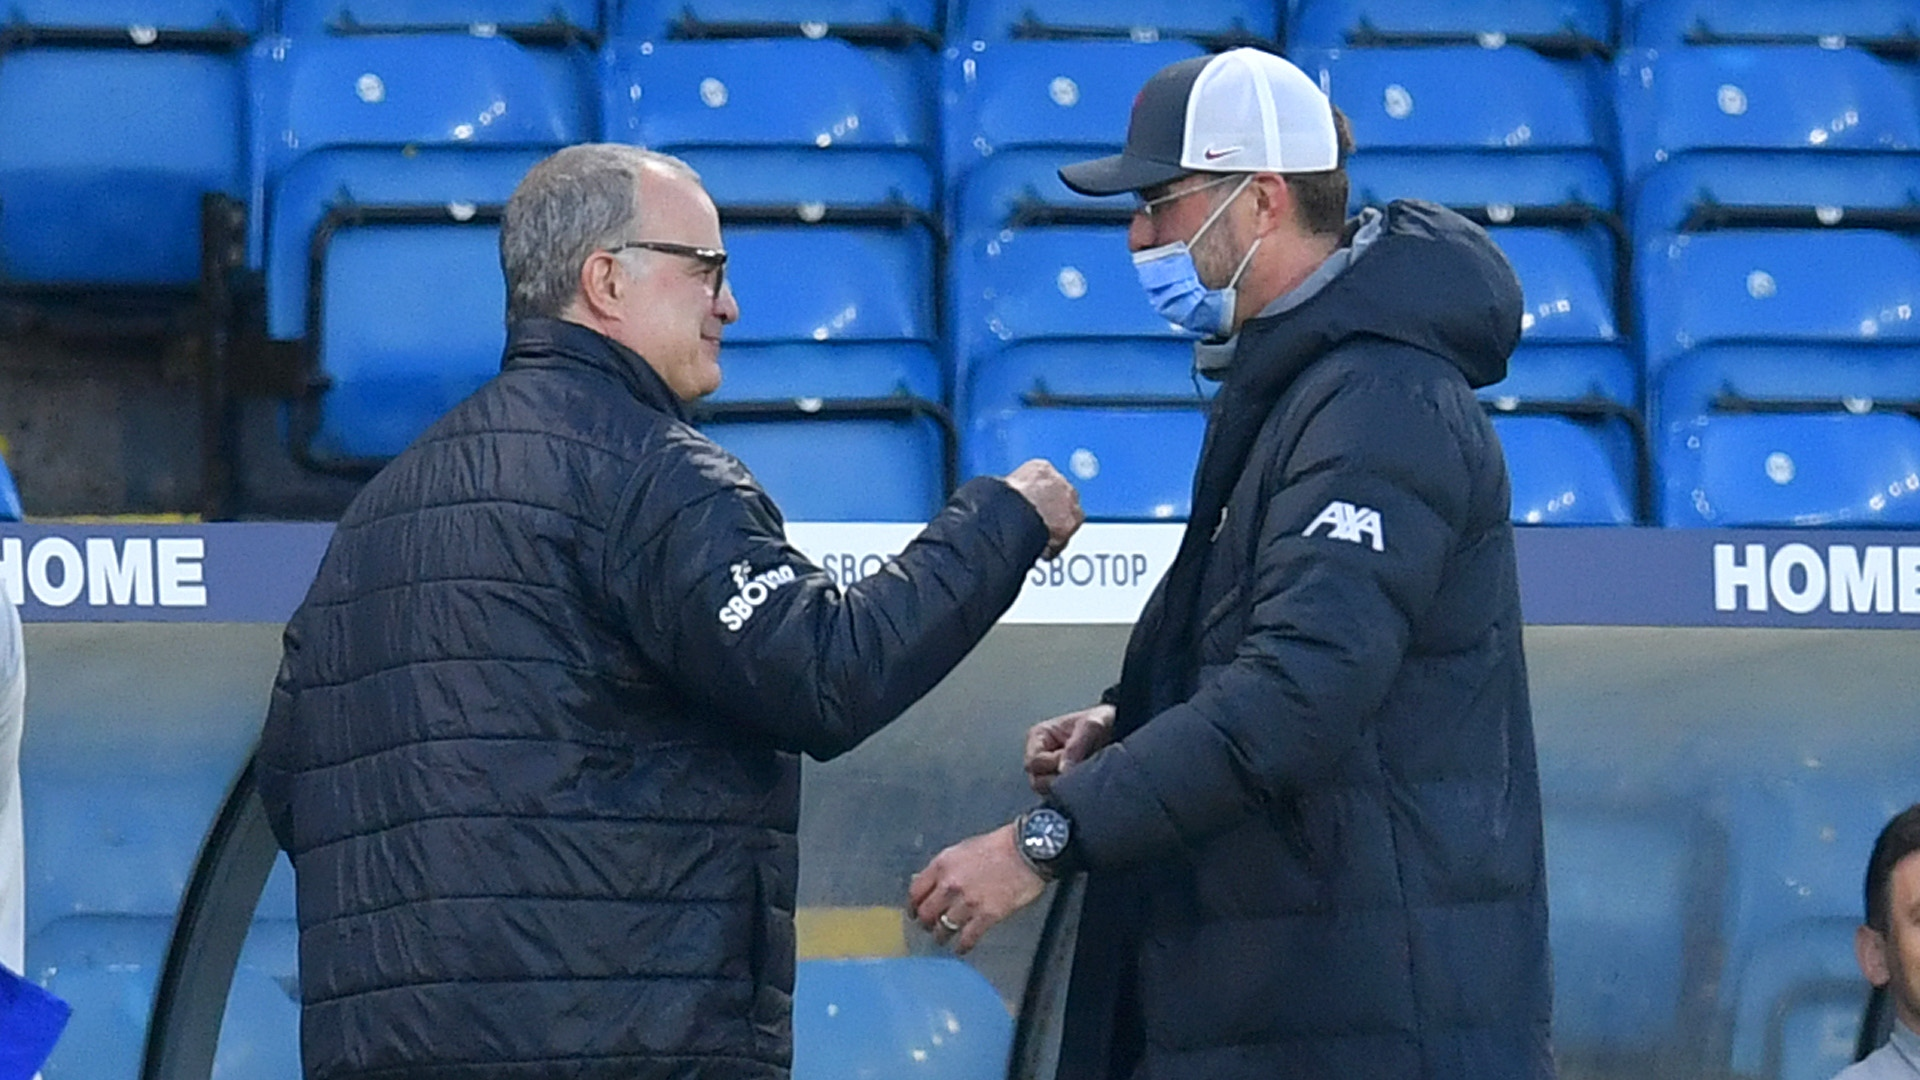 European Super League: Leeds boss Bielsa warns of 'harm to football'